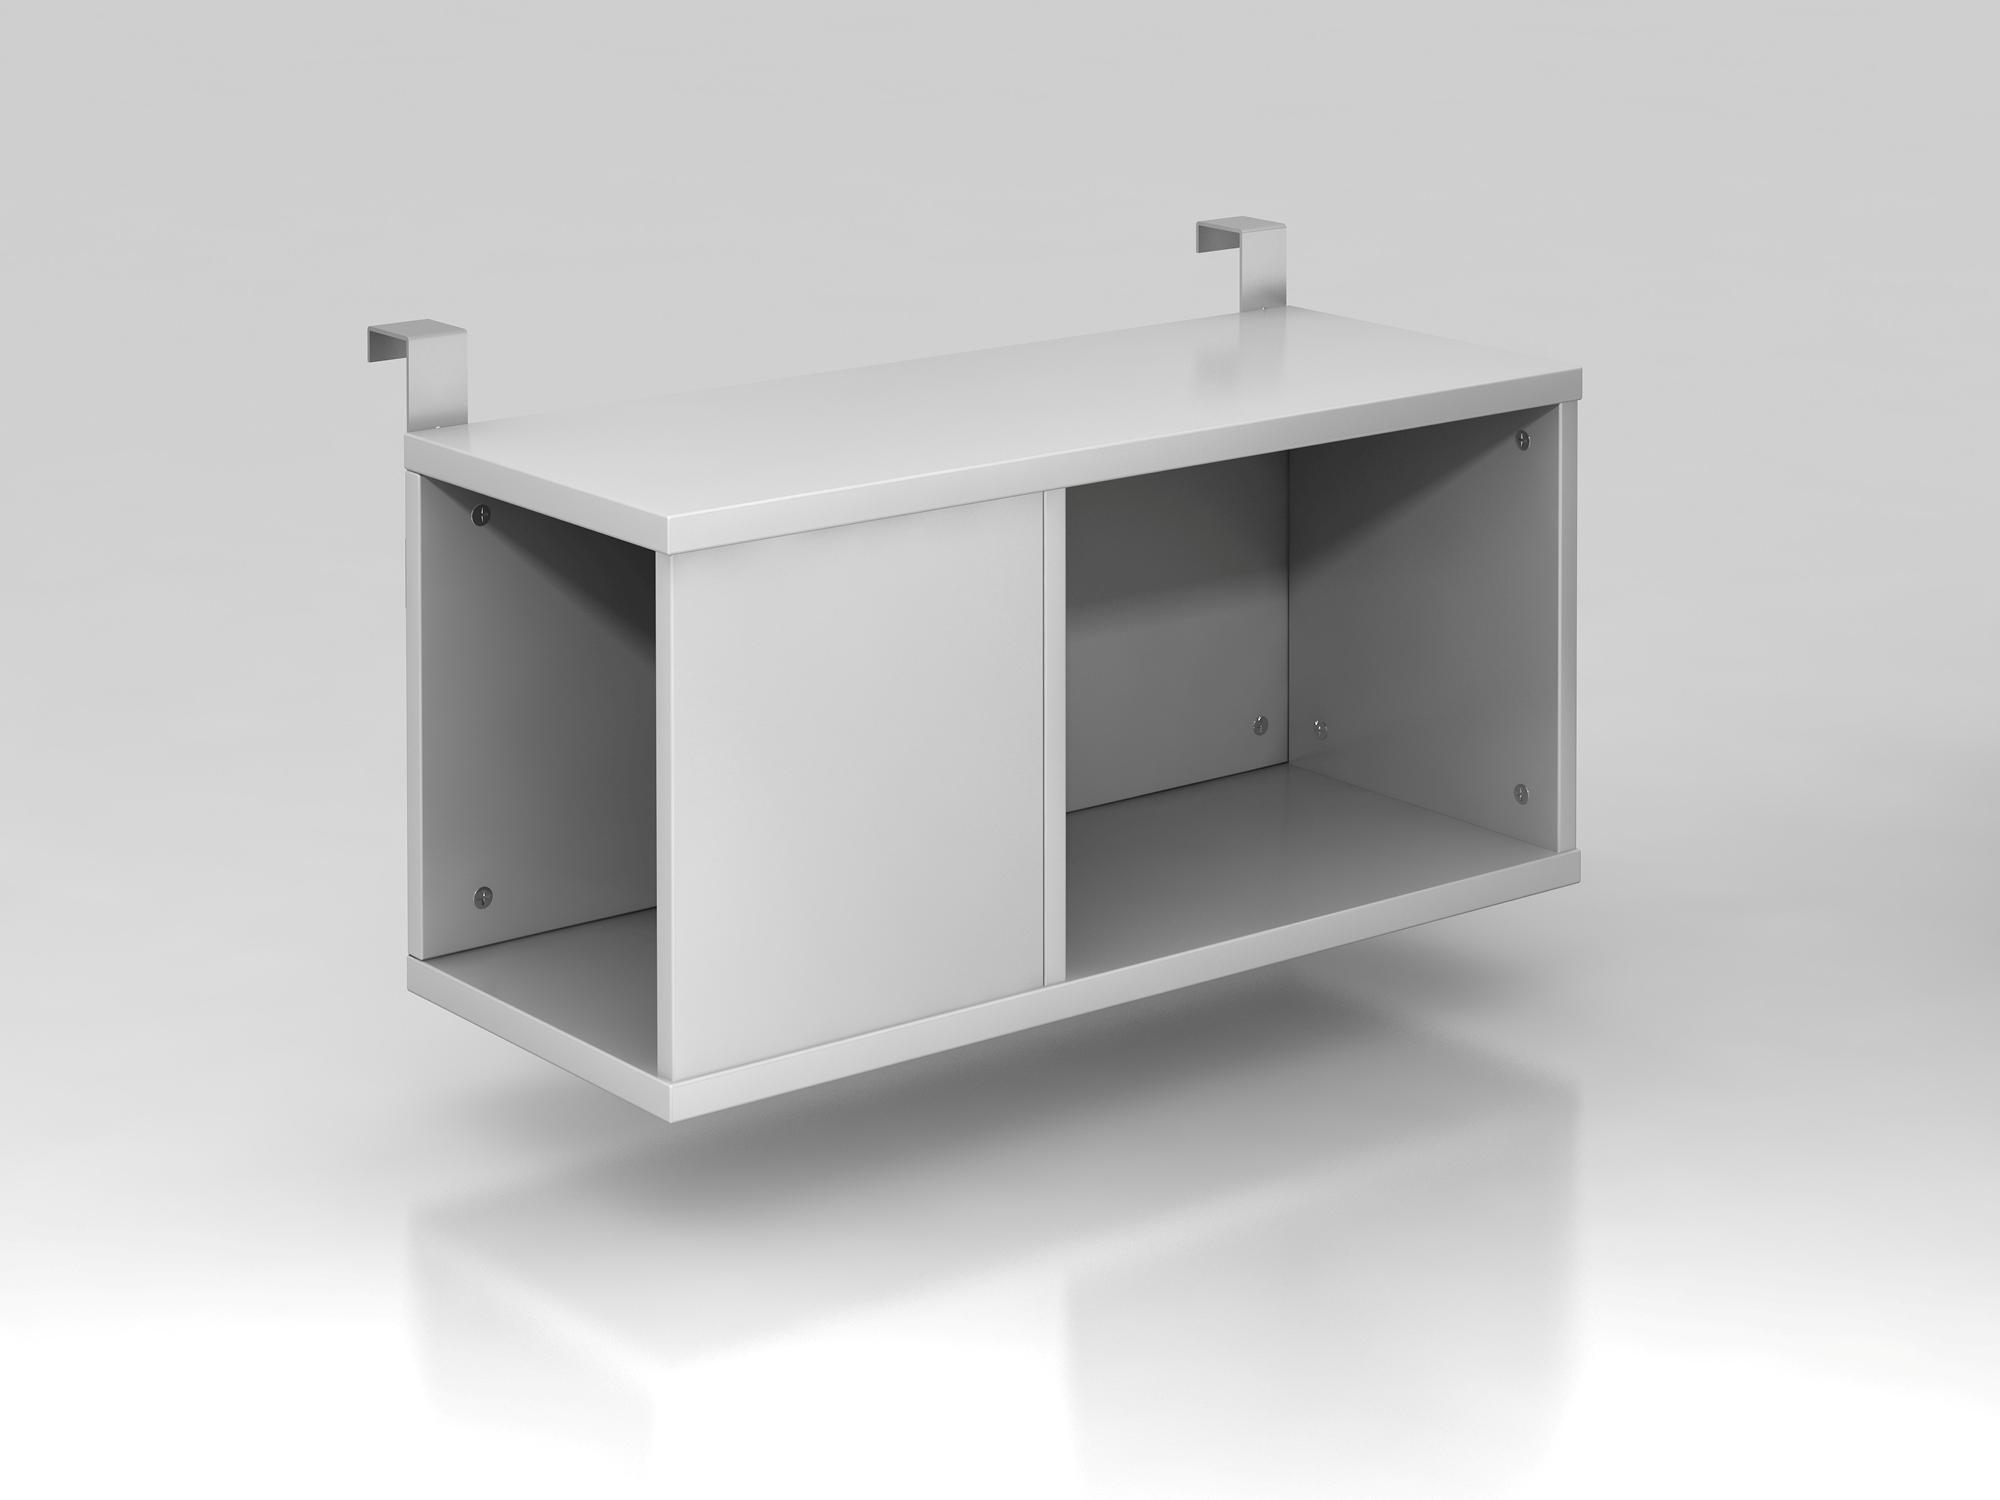 Einhängebox 80cm tief Silber